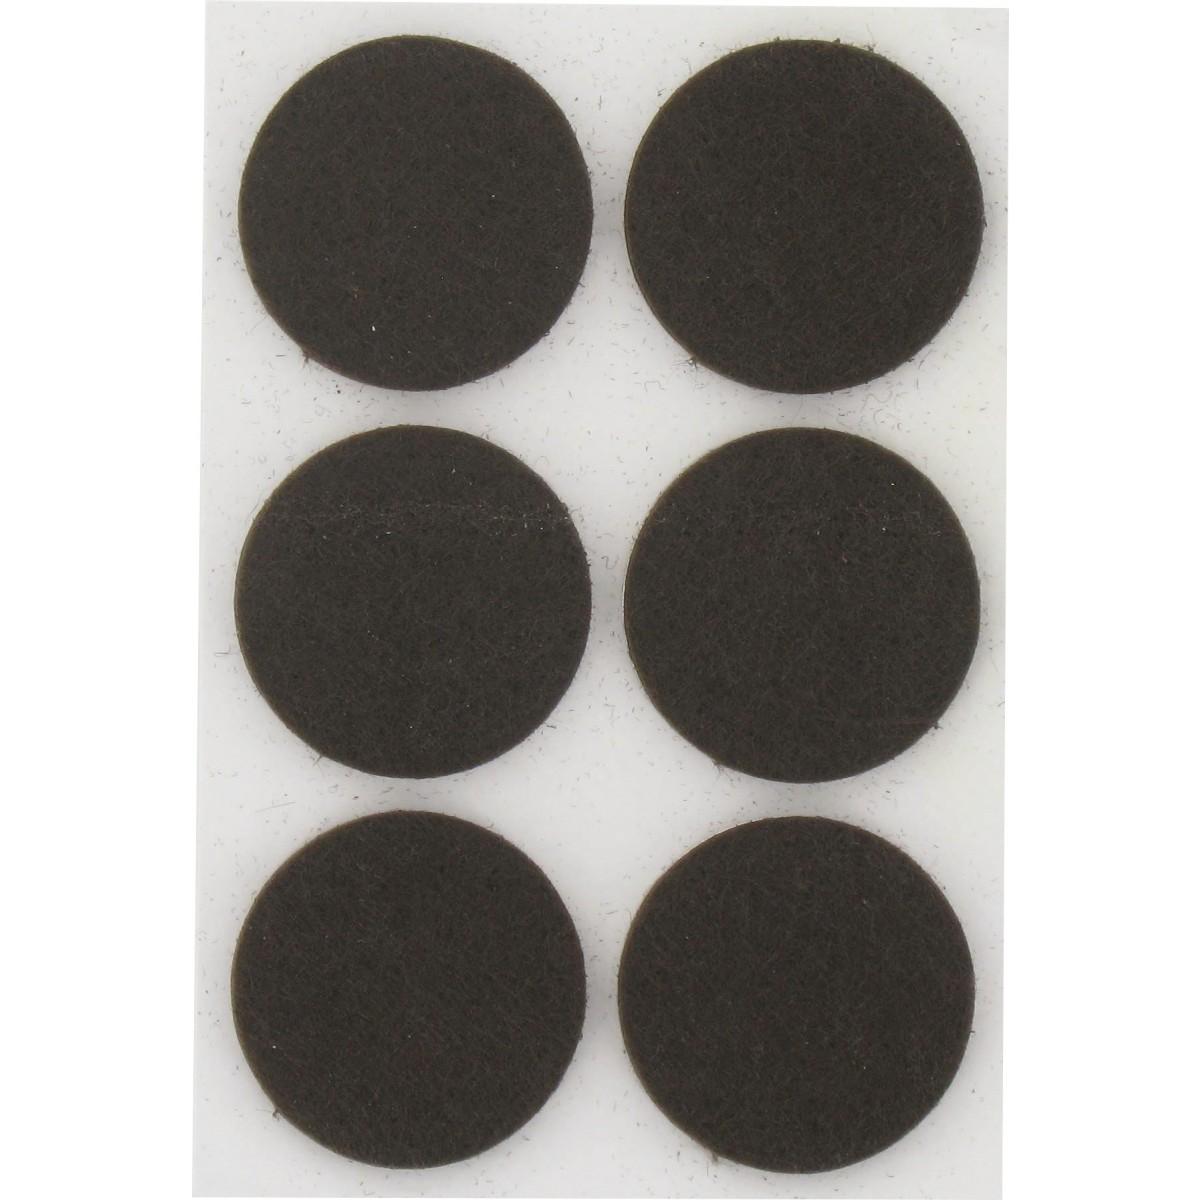 Patin feutre marron adhésif PVM - Diamètre 28 mm - Vendu par 6